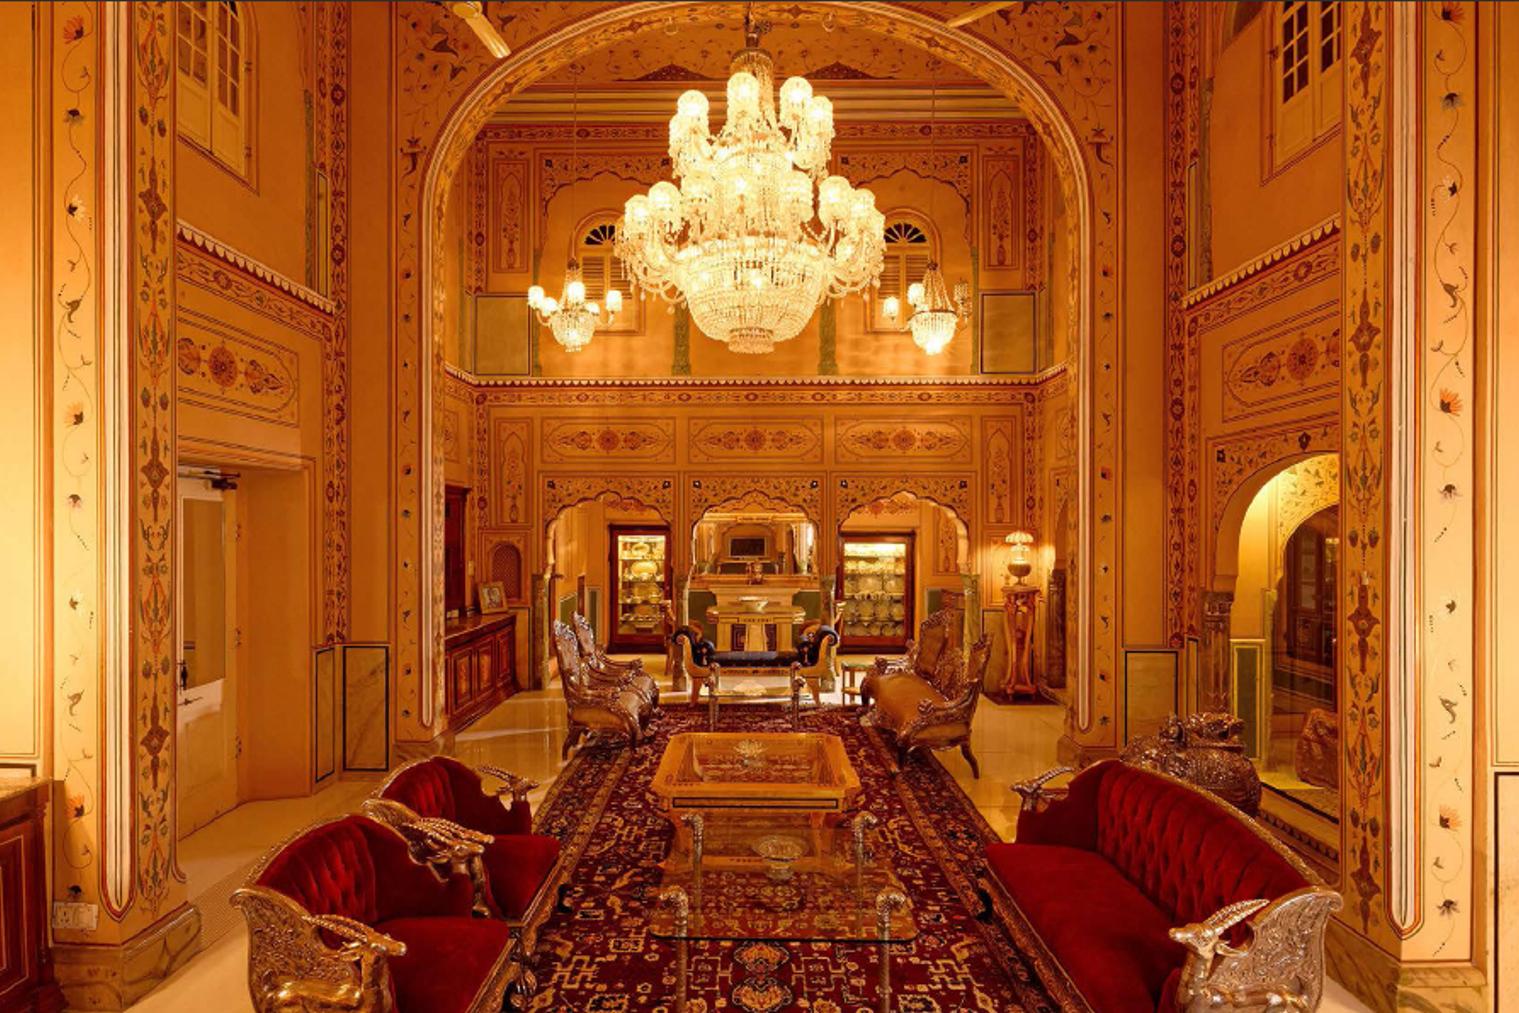 171102-lavish-hotel-rooms-maharajah-pavilion-raj-palace-jaipur-india